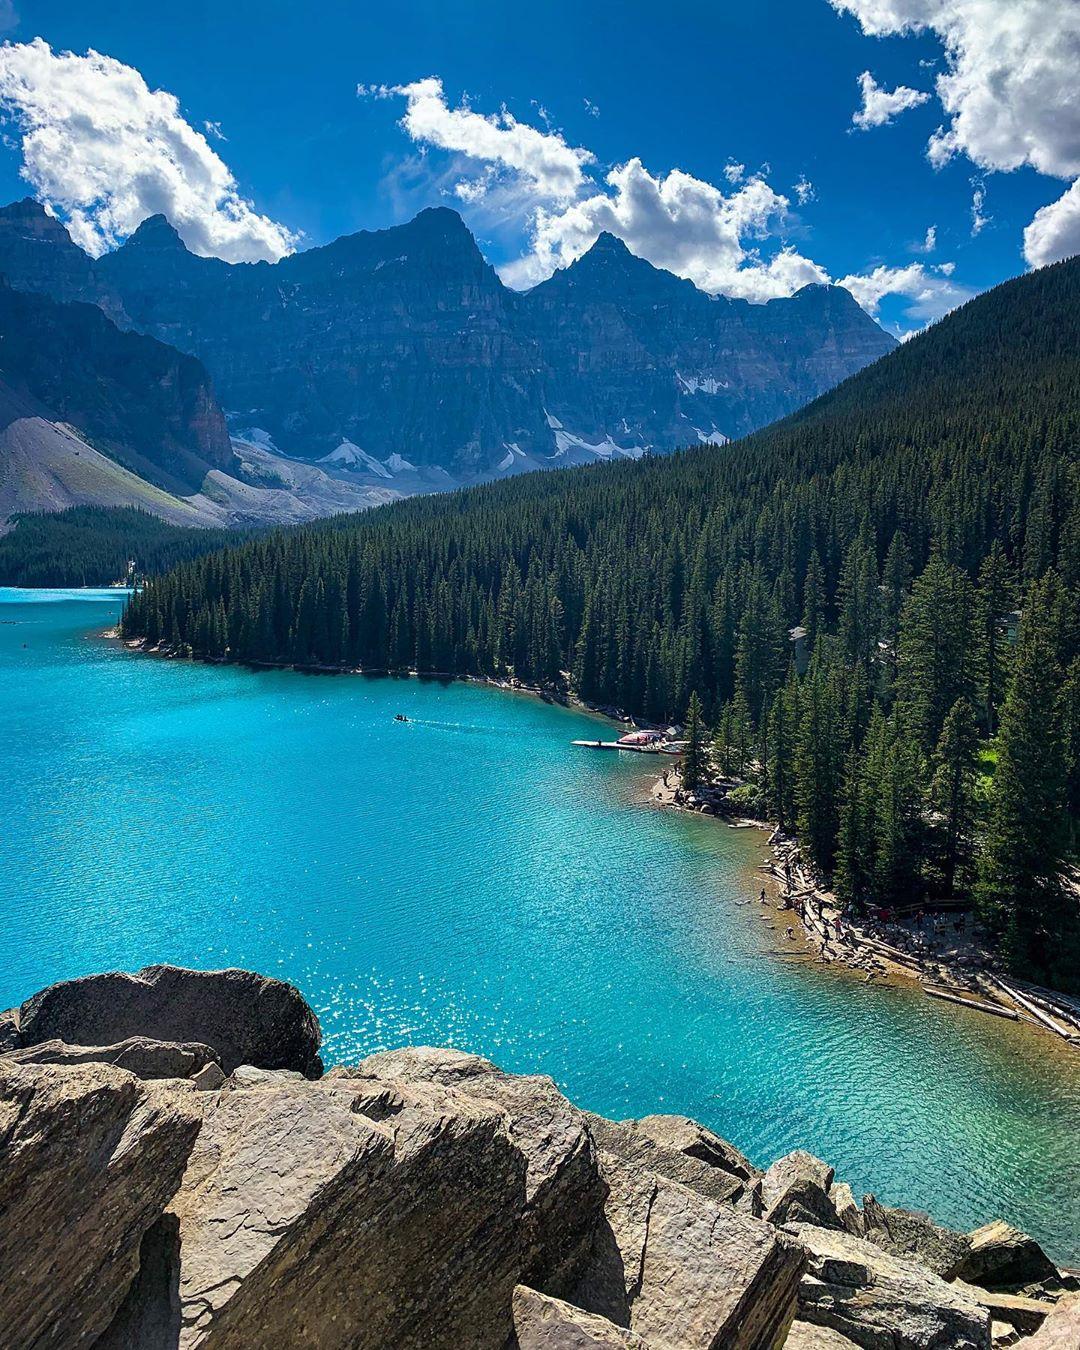 Hồ Moraine, công viên quốc gia Banff, Canada